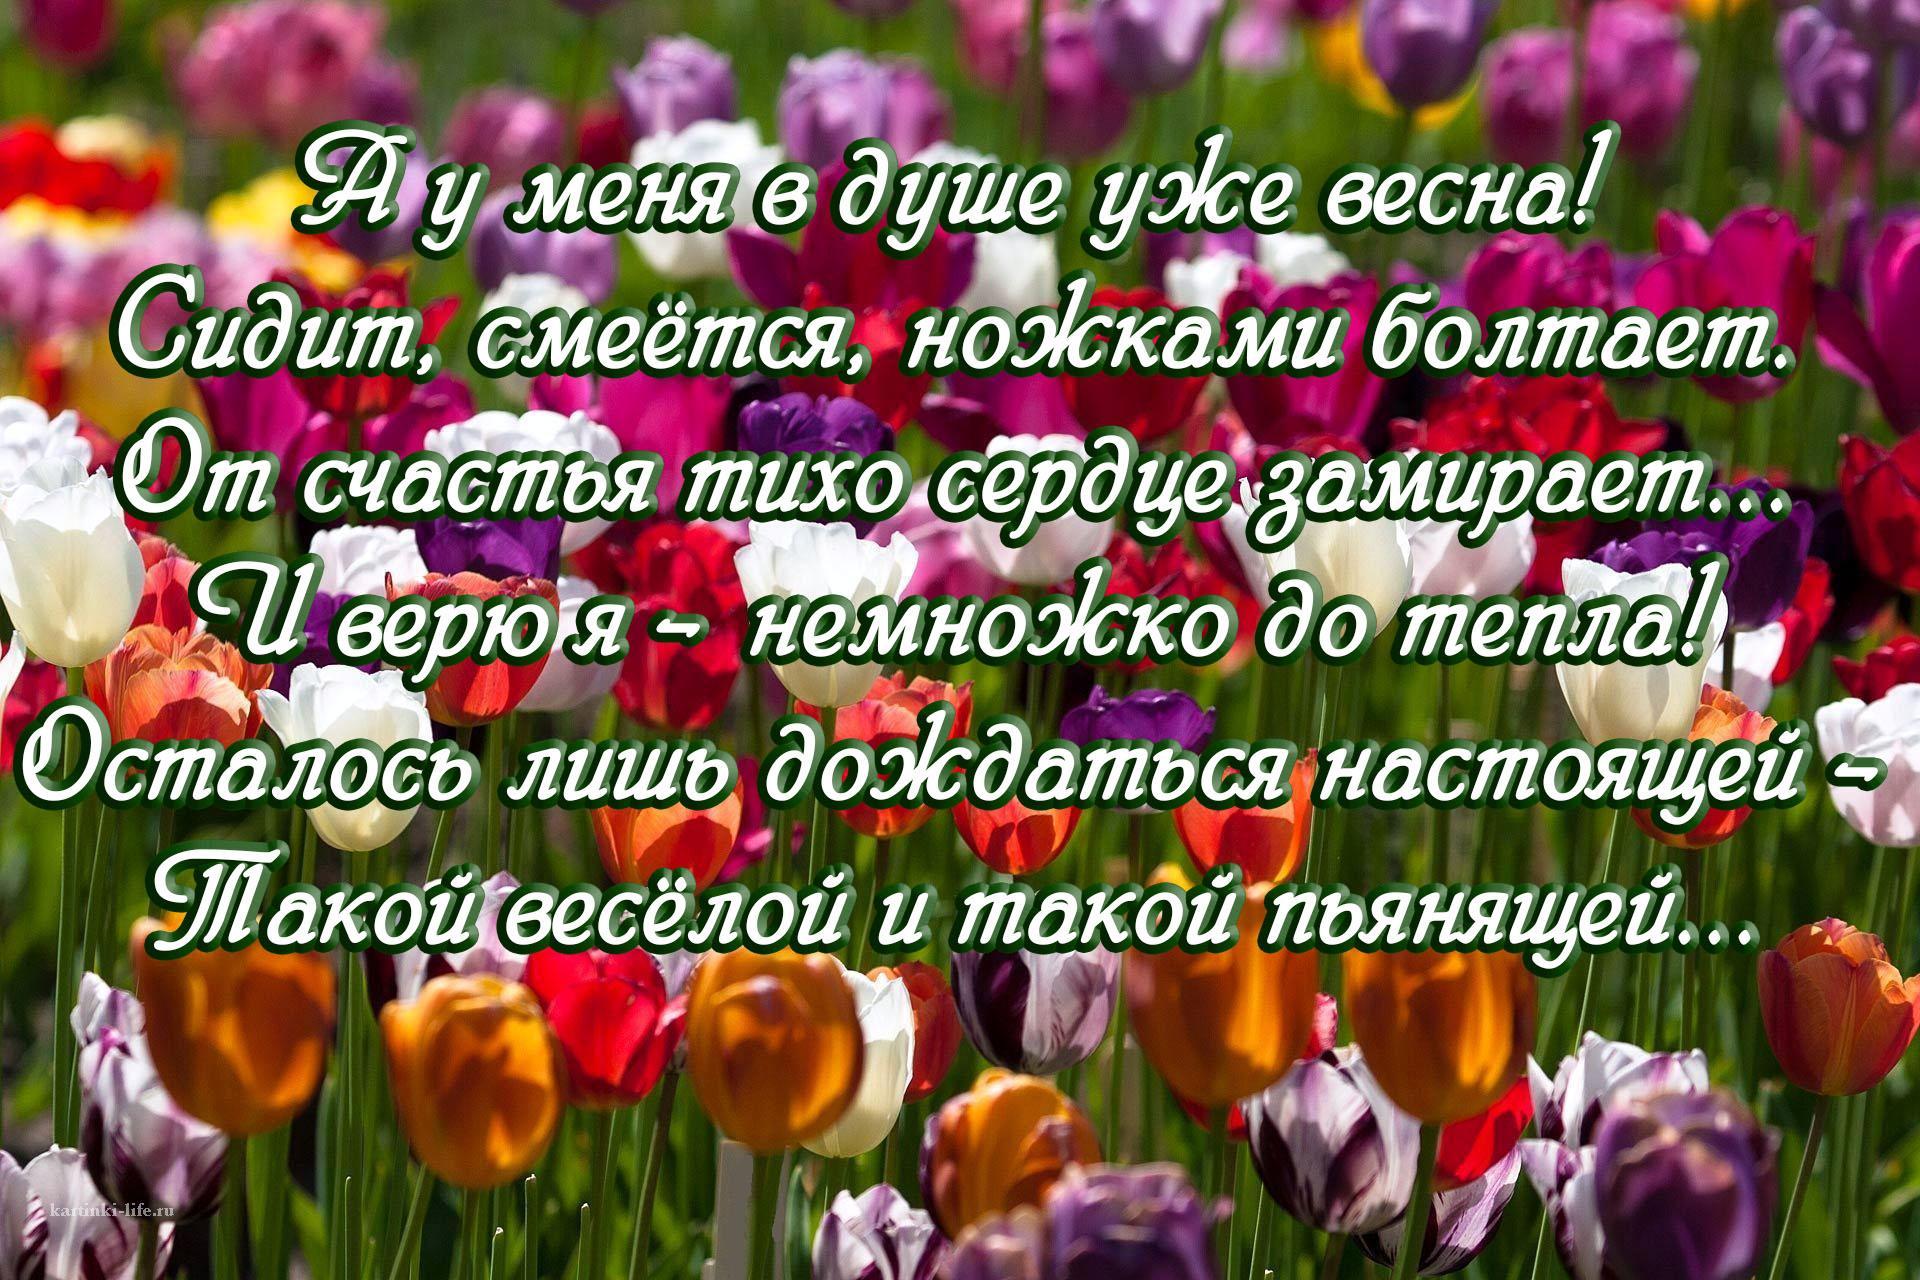 А у меня в душе уже весна! Сидит, смеётся, ножками болтает. От счастья тихо сердце замирает... И верю я – немножко до тепла! Осталось лишь дождаться настоящей – Такой весёлой и такой пьянящей...